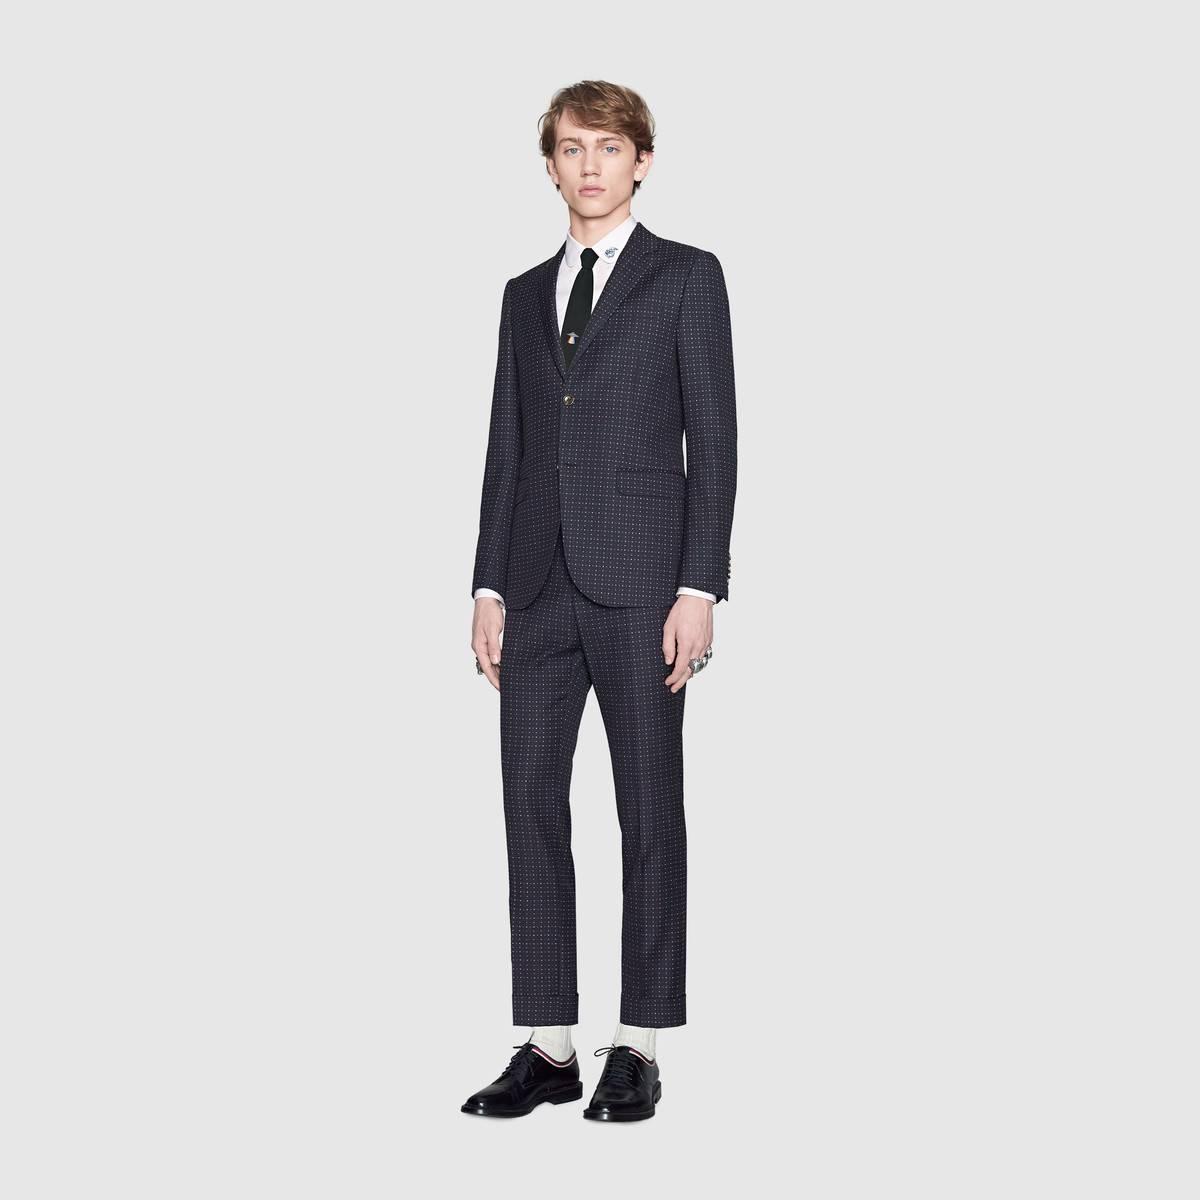 new product e6114 6a5bb Abiti da cerimonia uomo 2019: i vestiti più eleganti per lui ...